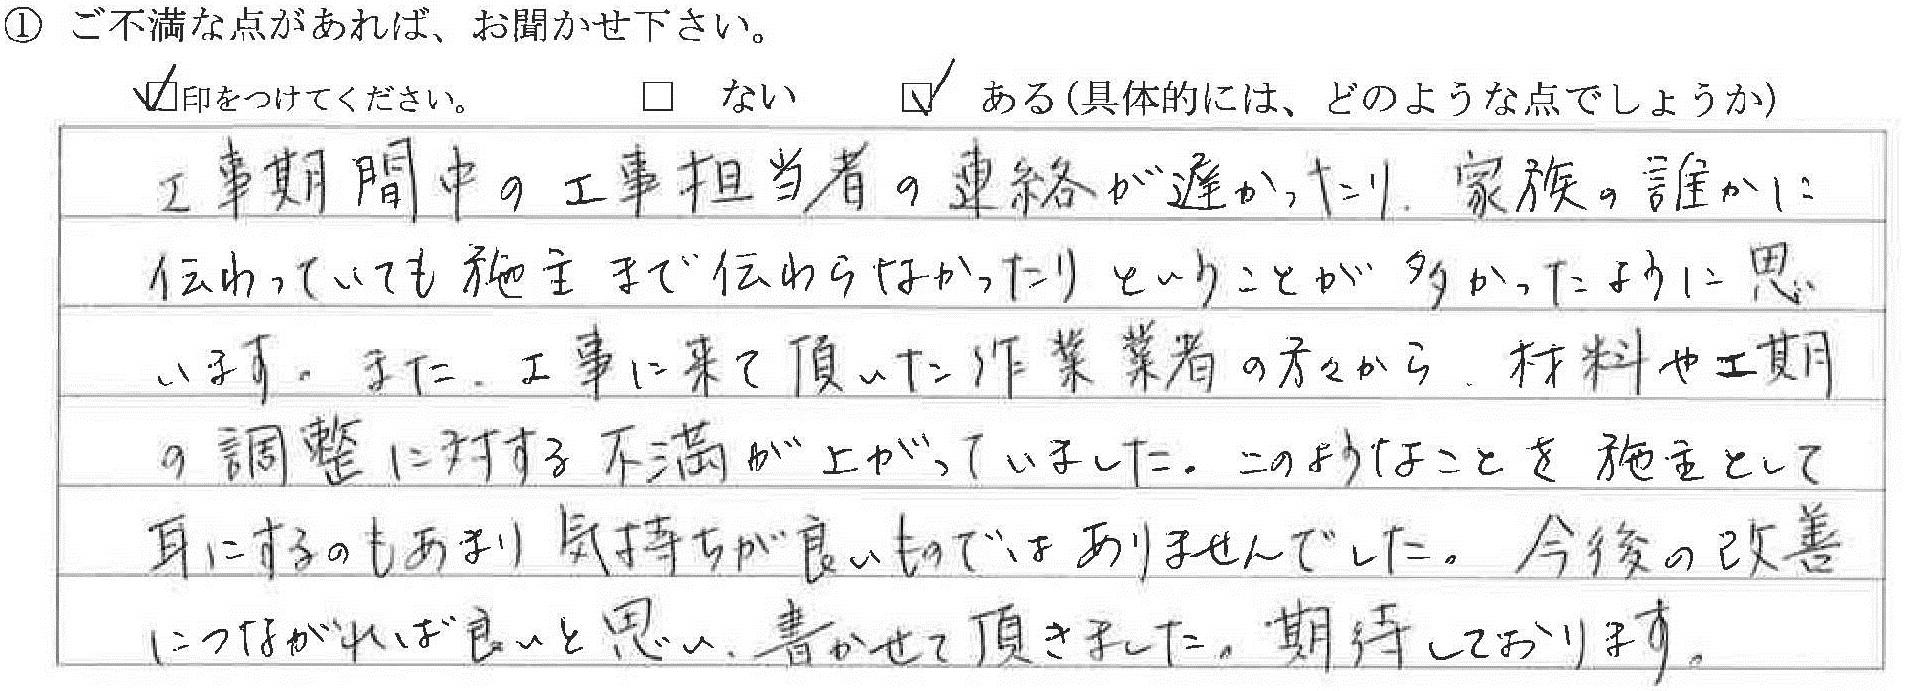 富山県射水市F様に頂いた住宅改装工事についてのご不満な点があれば、お聞かせ下さい。というご質問について「改装工事【ご不満の声】」というお声についての画像